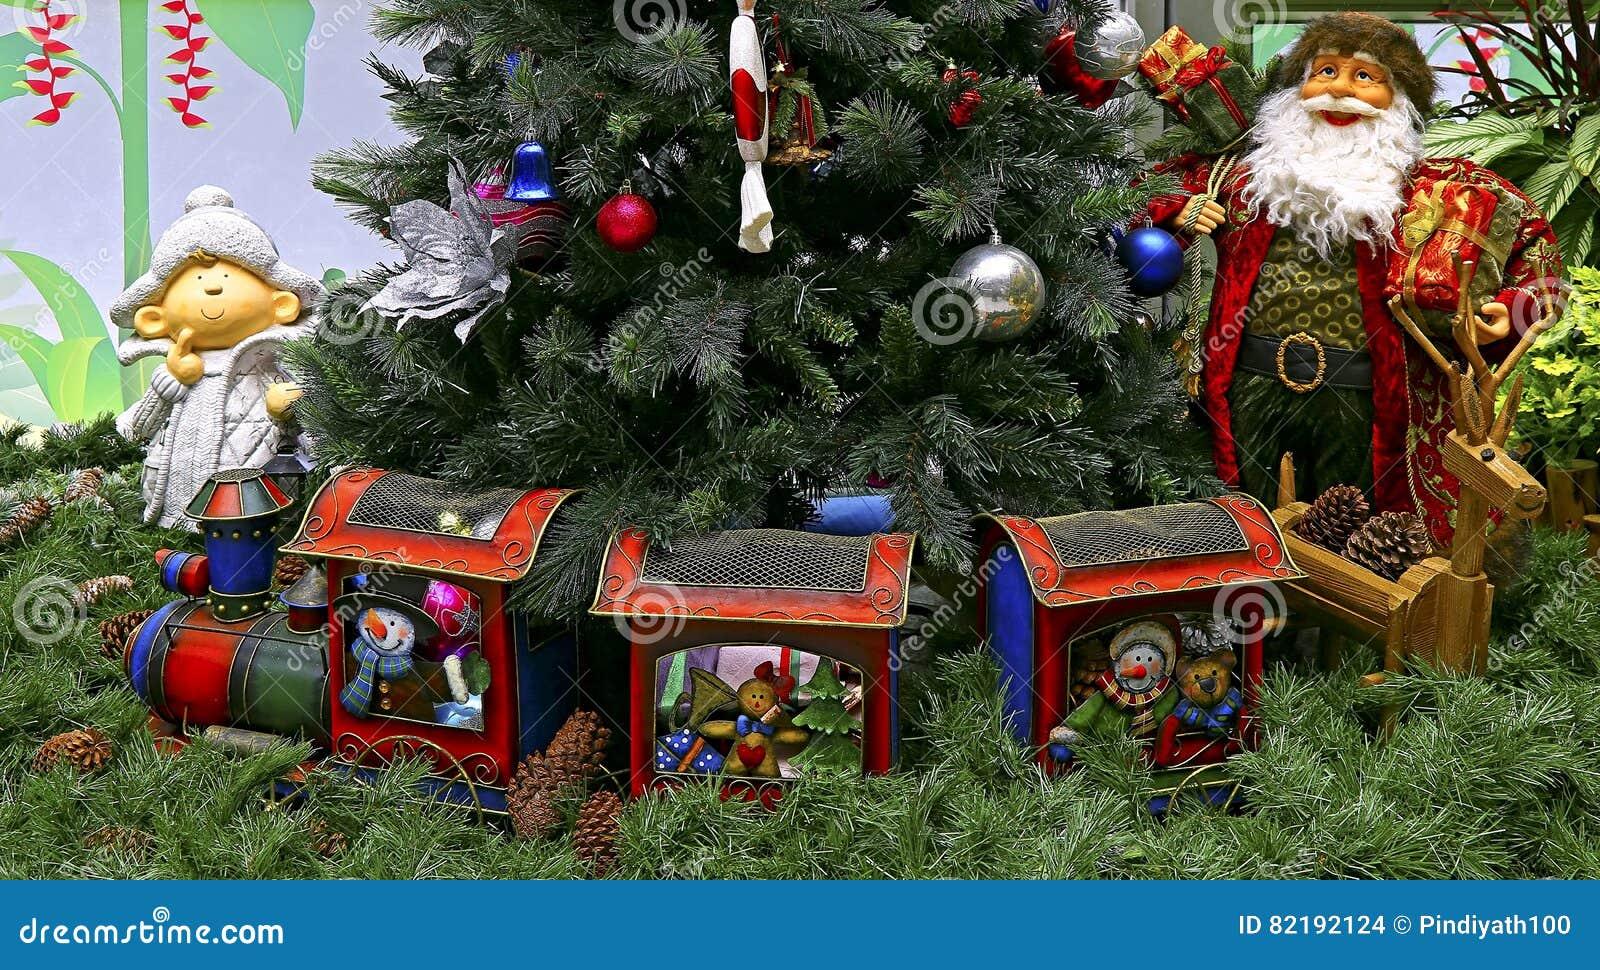 Decorações tradicionais do Natal